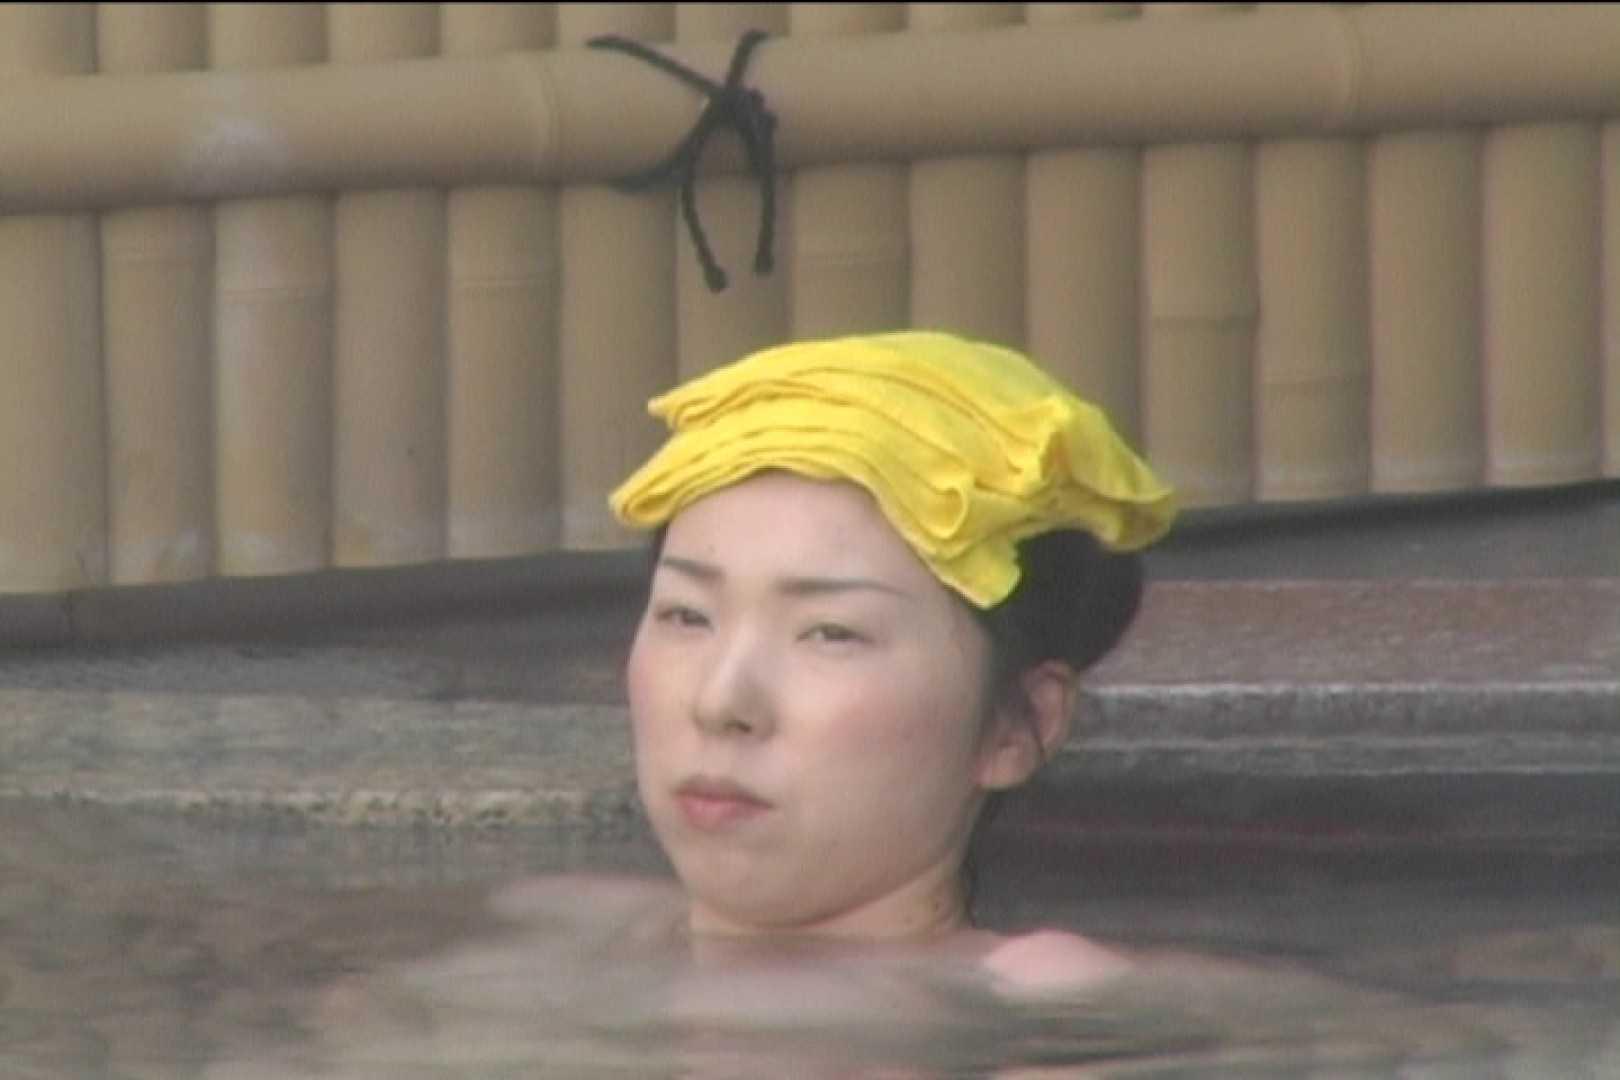 Aquaな露天風呂Vol.529 盗撮シリーズ  106PIX 96